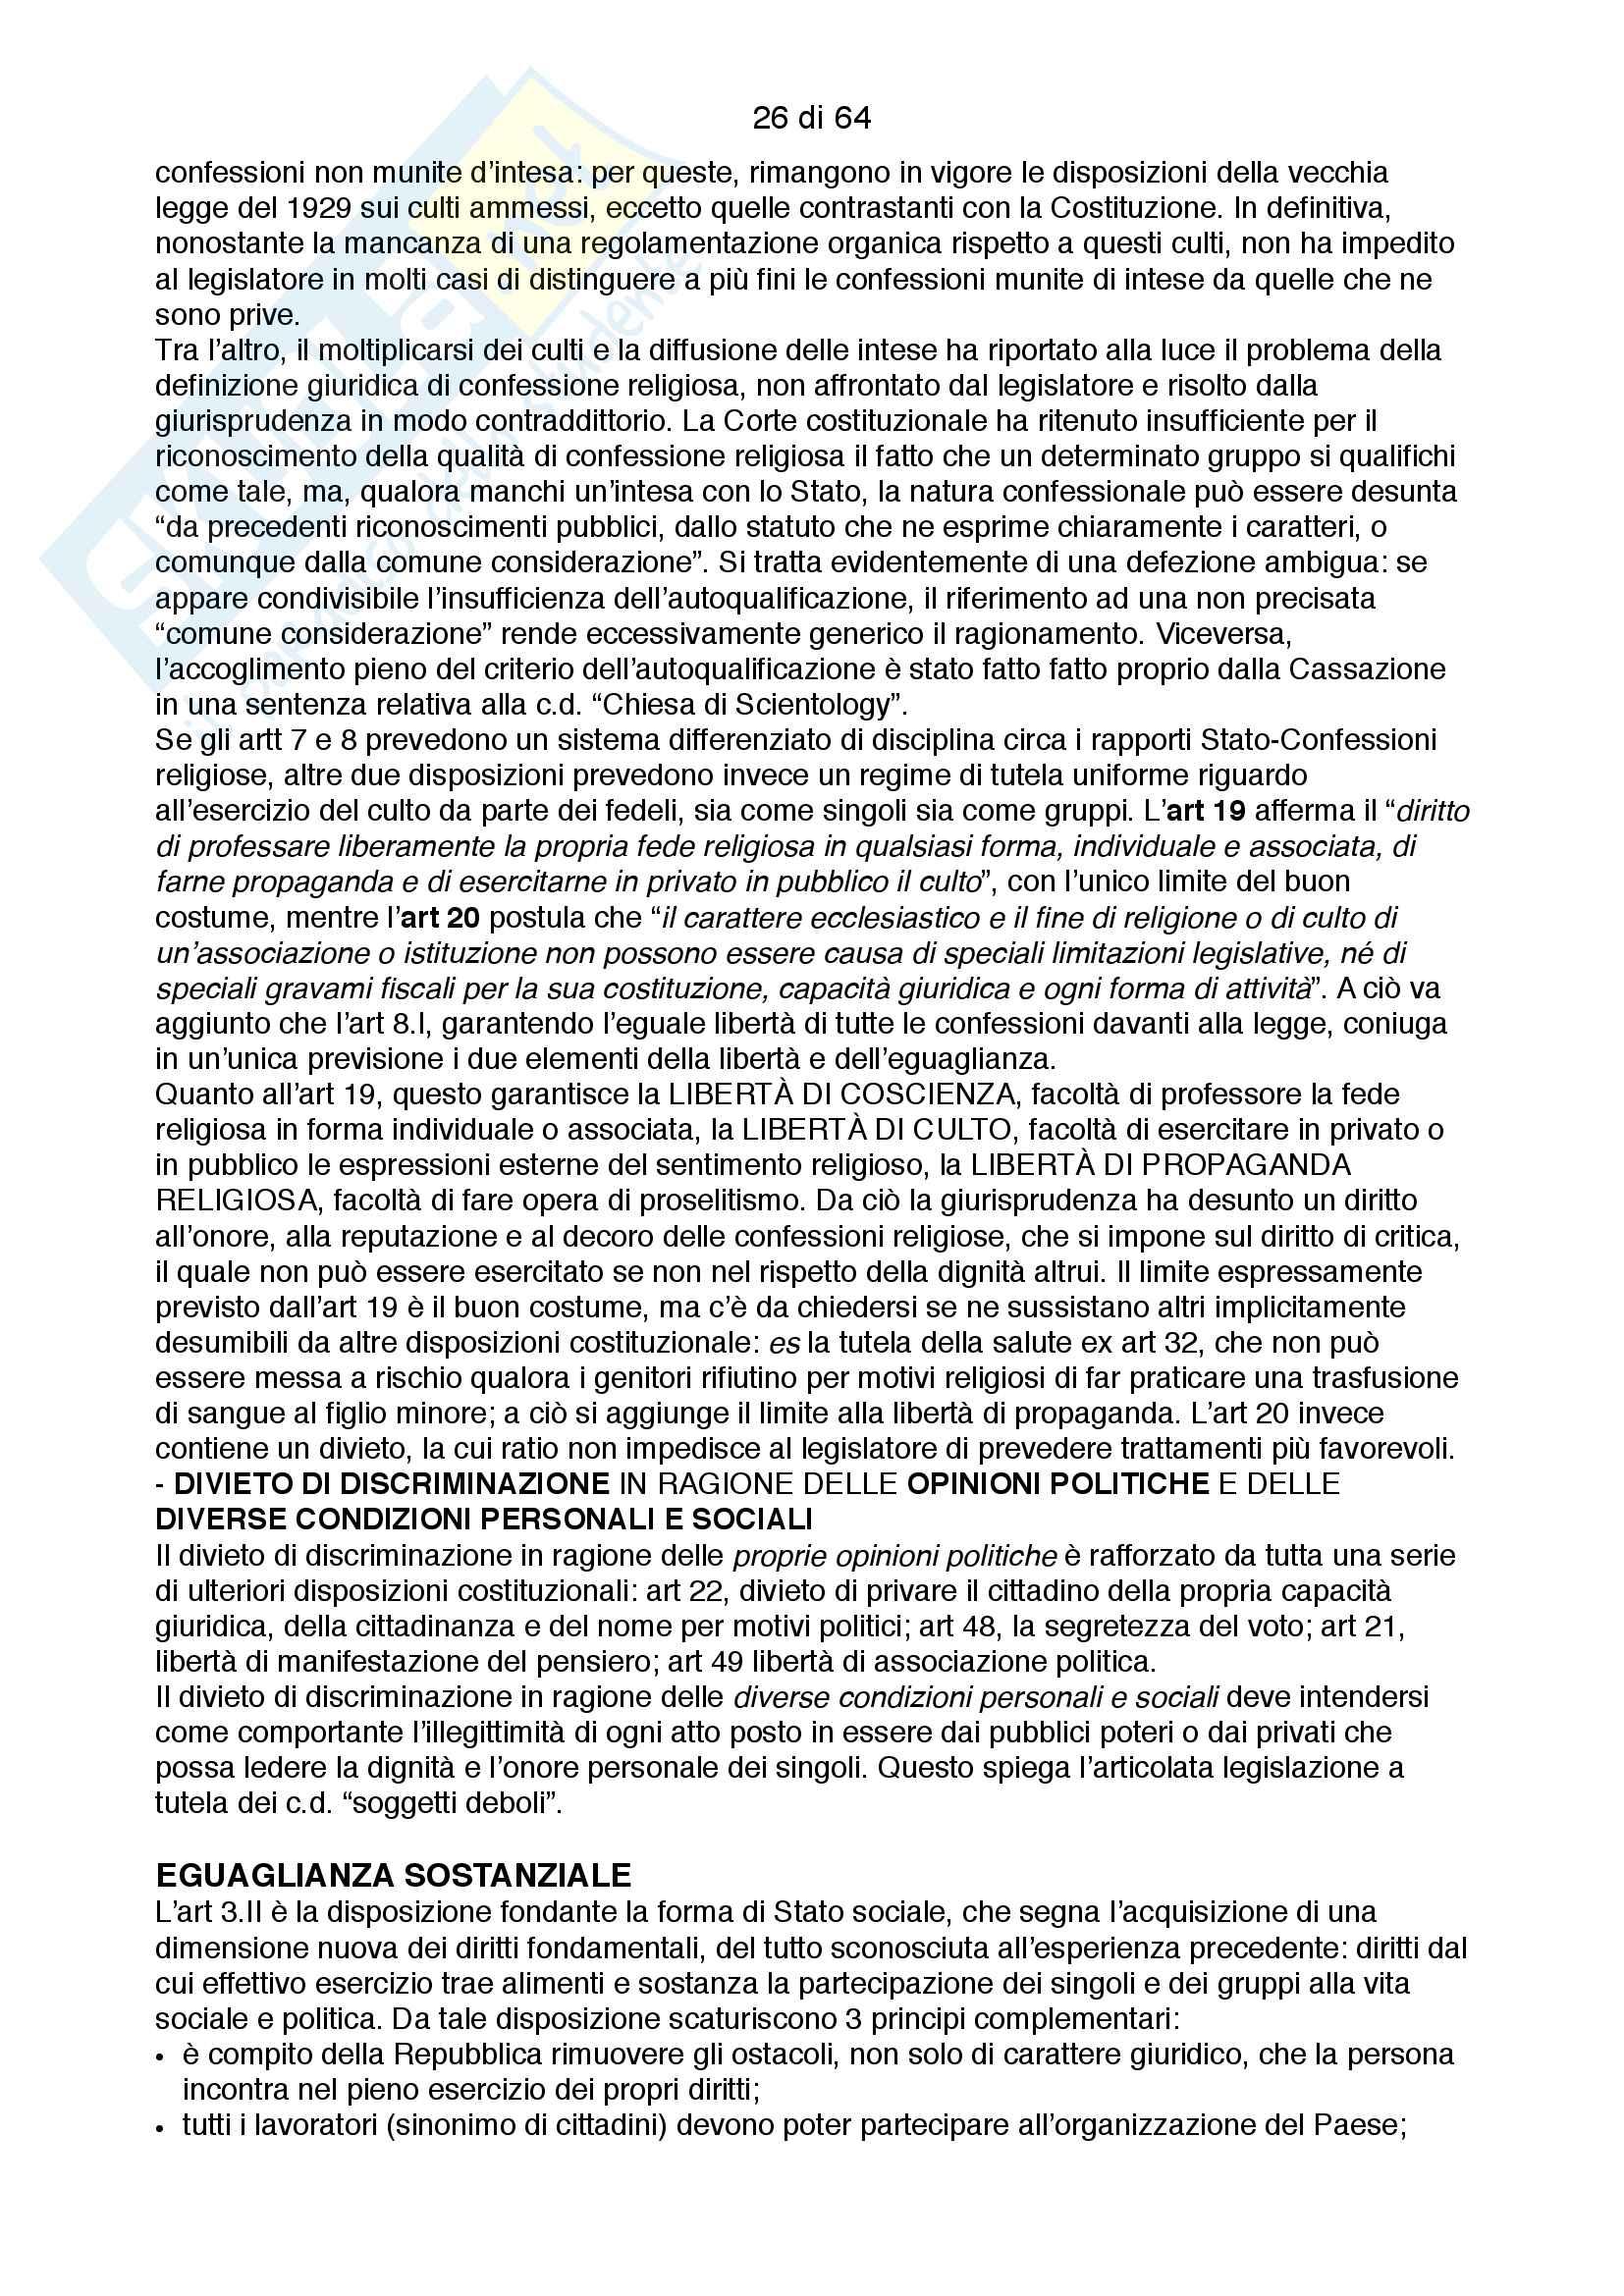 Riassunto esame costituzionale II, testo consigliato I diritti fondamentali, autore Paolo Caretti Pag. 26